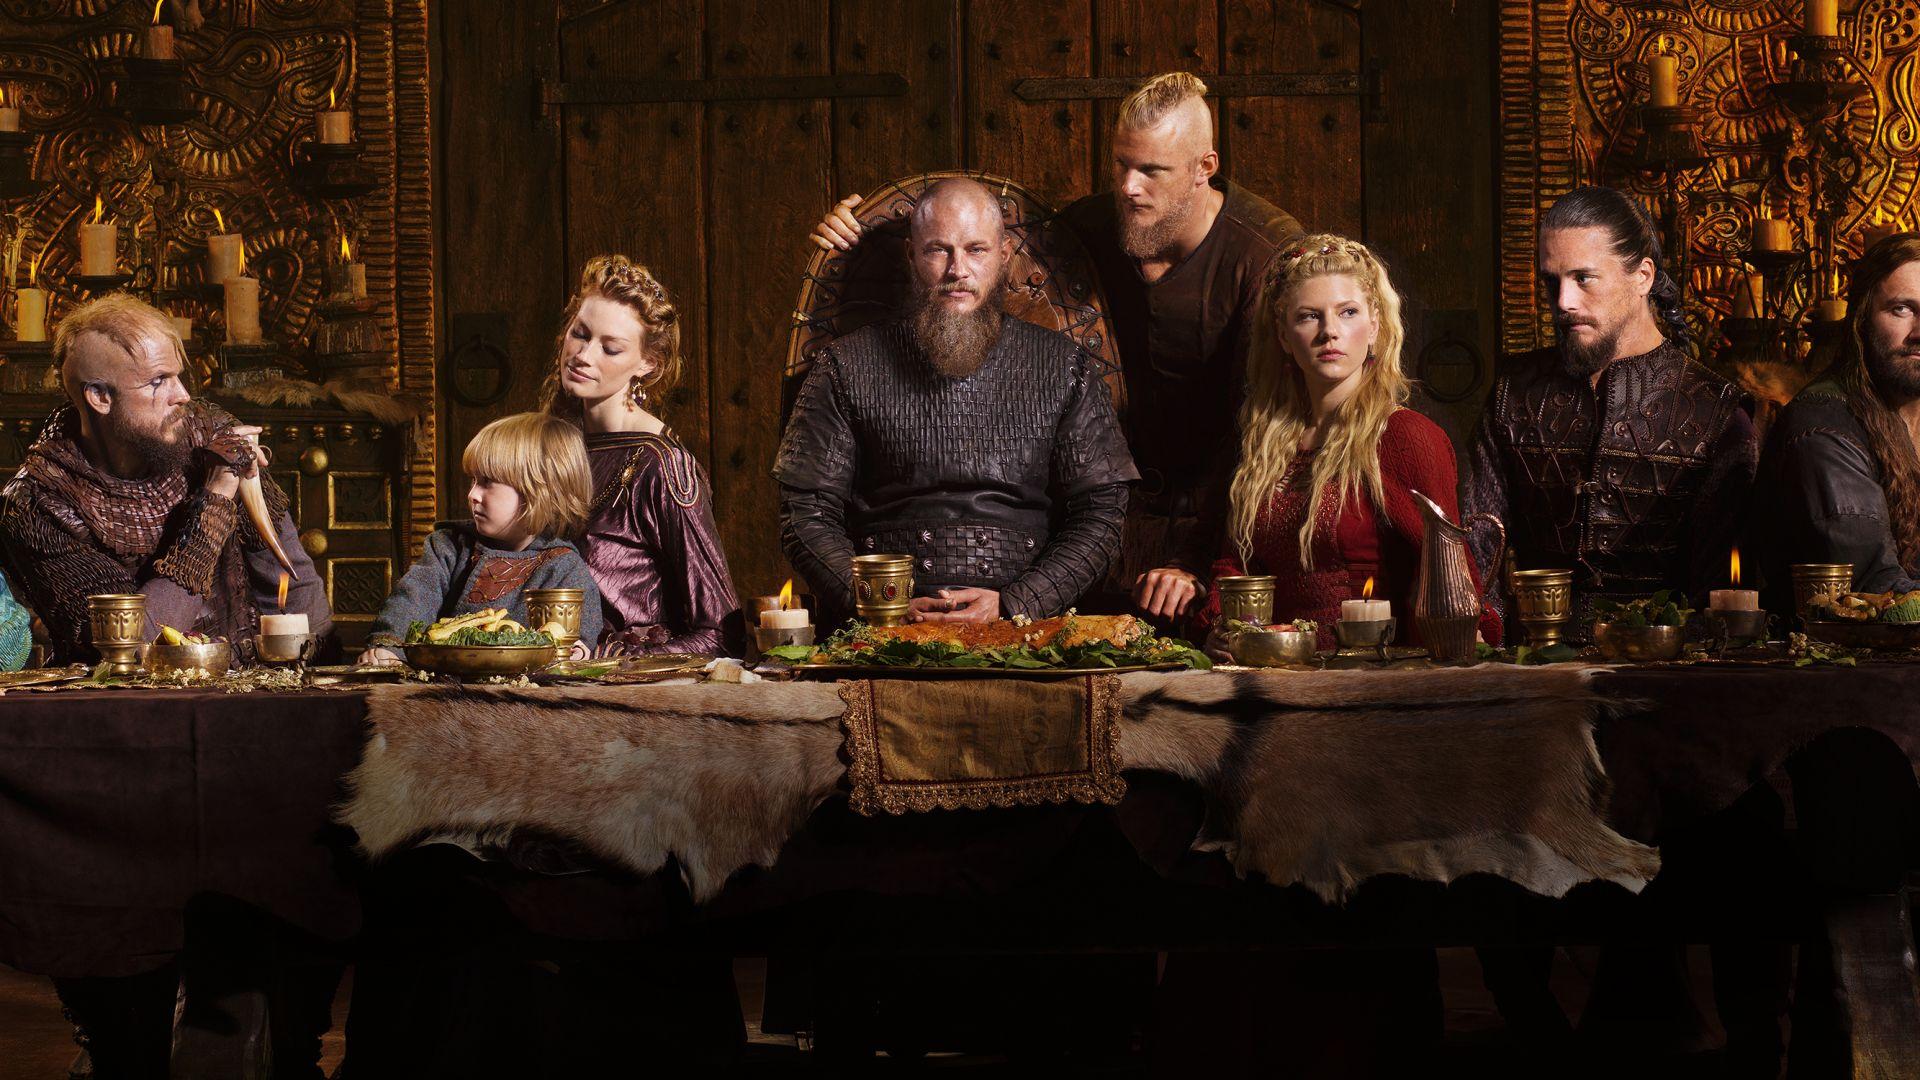 Сколько сезонов в сериале викинги вышло на 2018